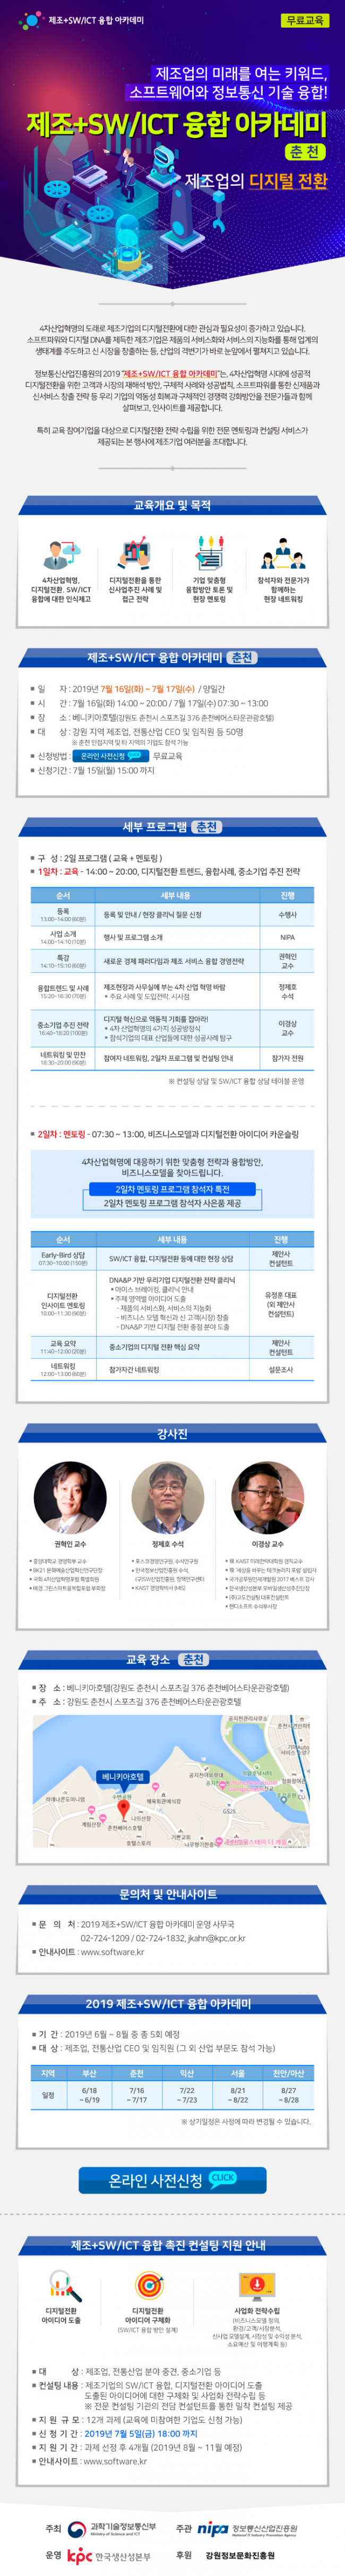 2019년 제조 SWICT 융합 아카데미 안내문(춘천)_0702_최종본.jpg